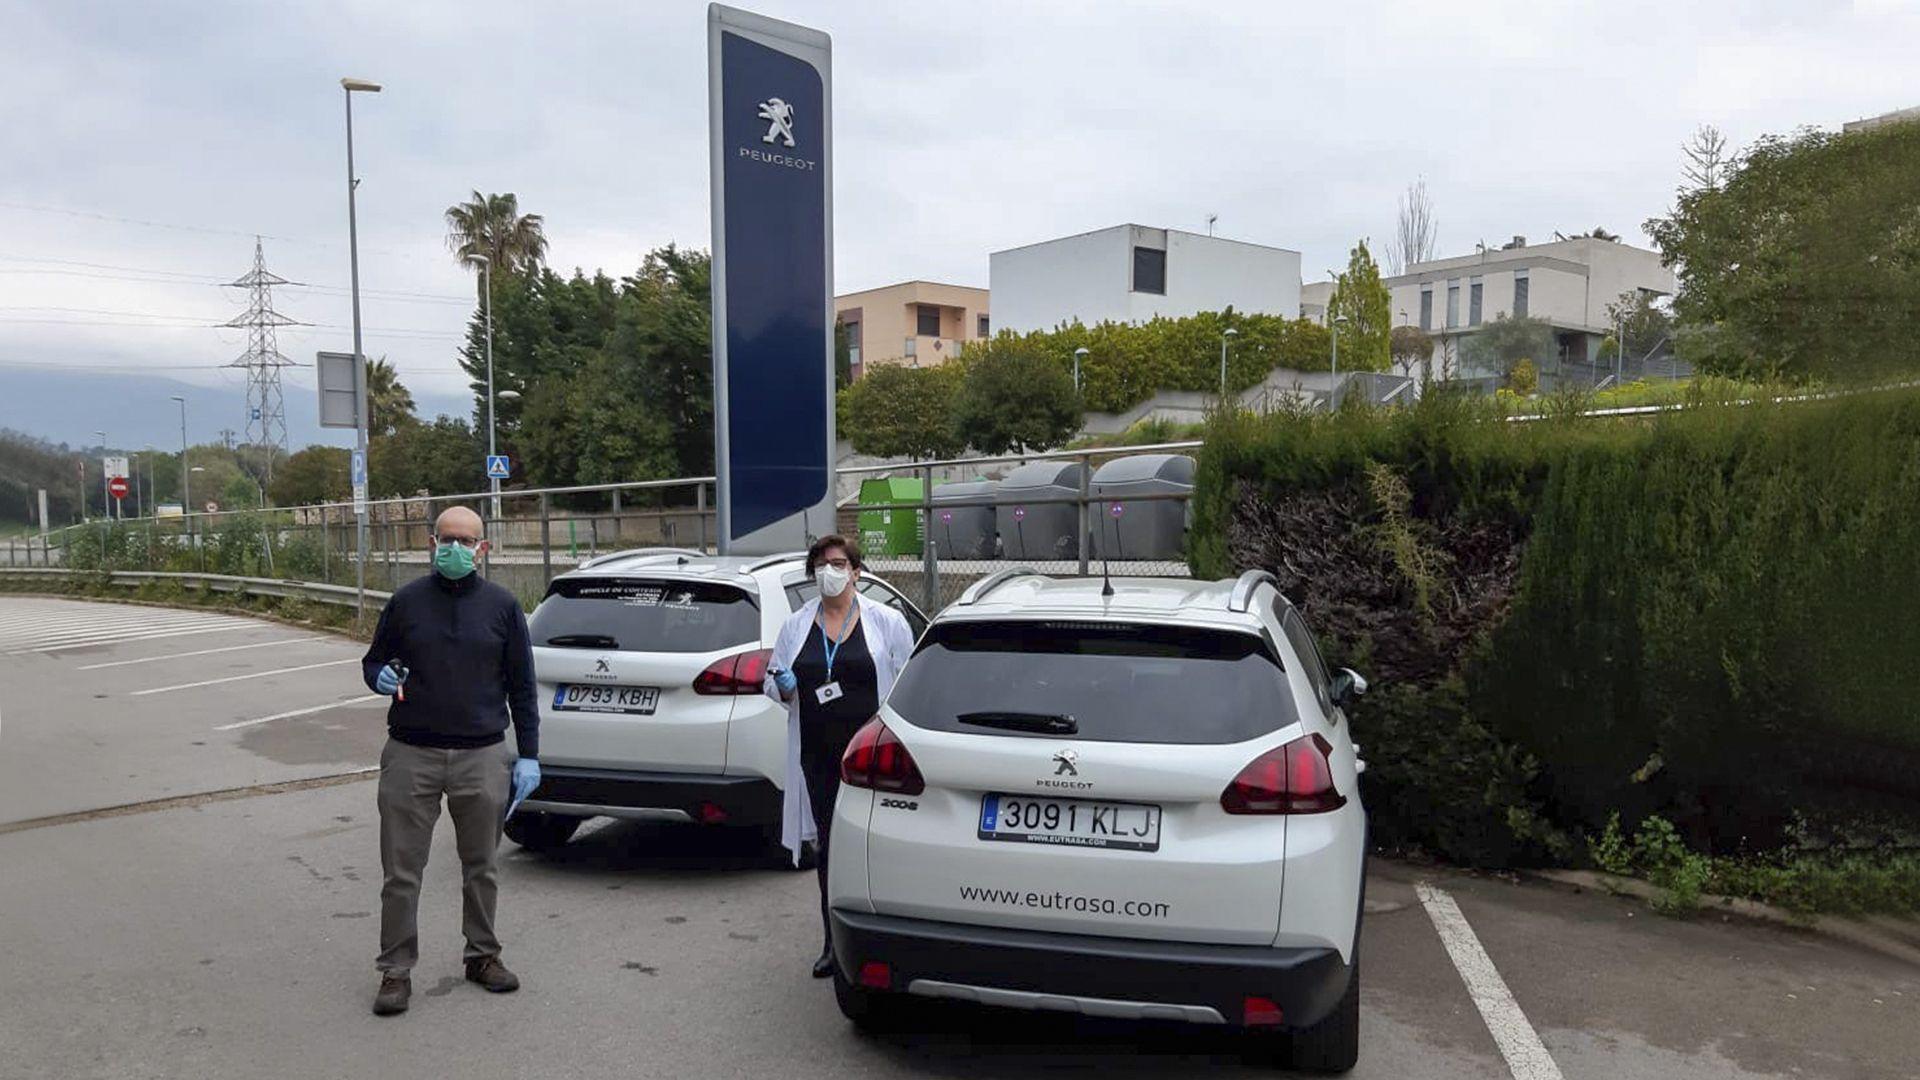 Eutrasa cedeix dos vehicles a l'Ajuntament de Les Franqueses per l'atenció domiciliària del COVID-19